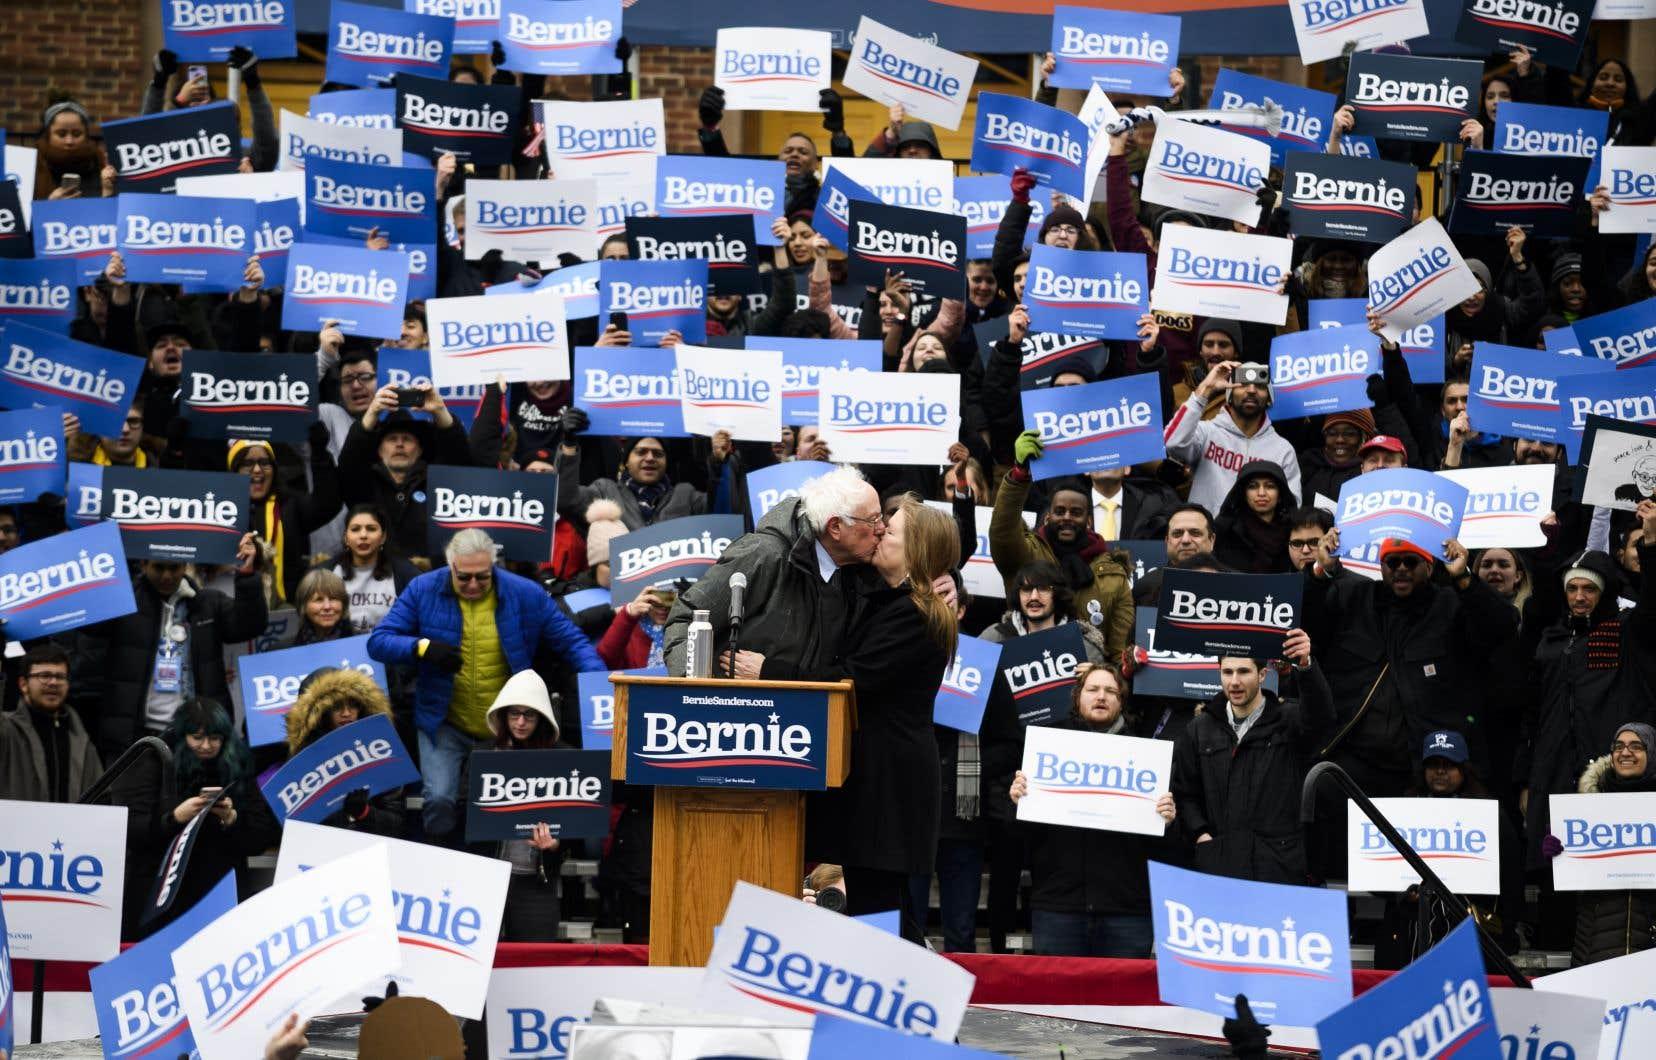 Environ 3000 personnes étaient rassemblées dans le froid sur le campus de l'université publique de Brooklyn College.